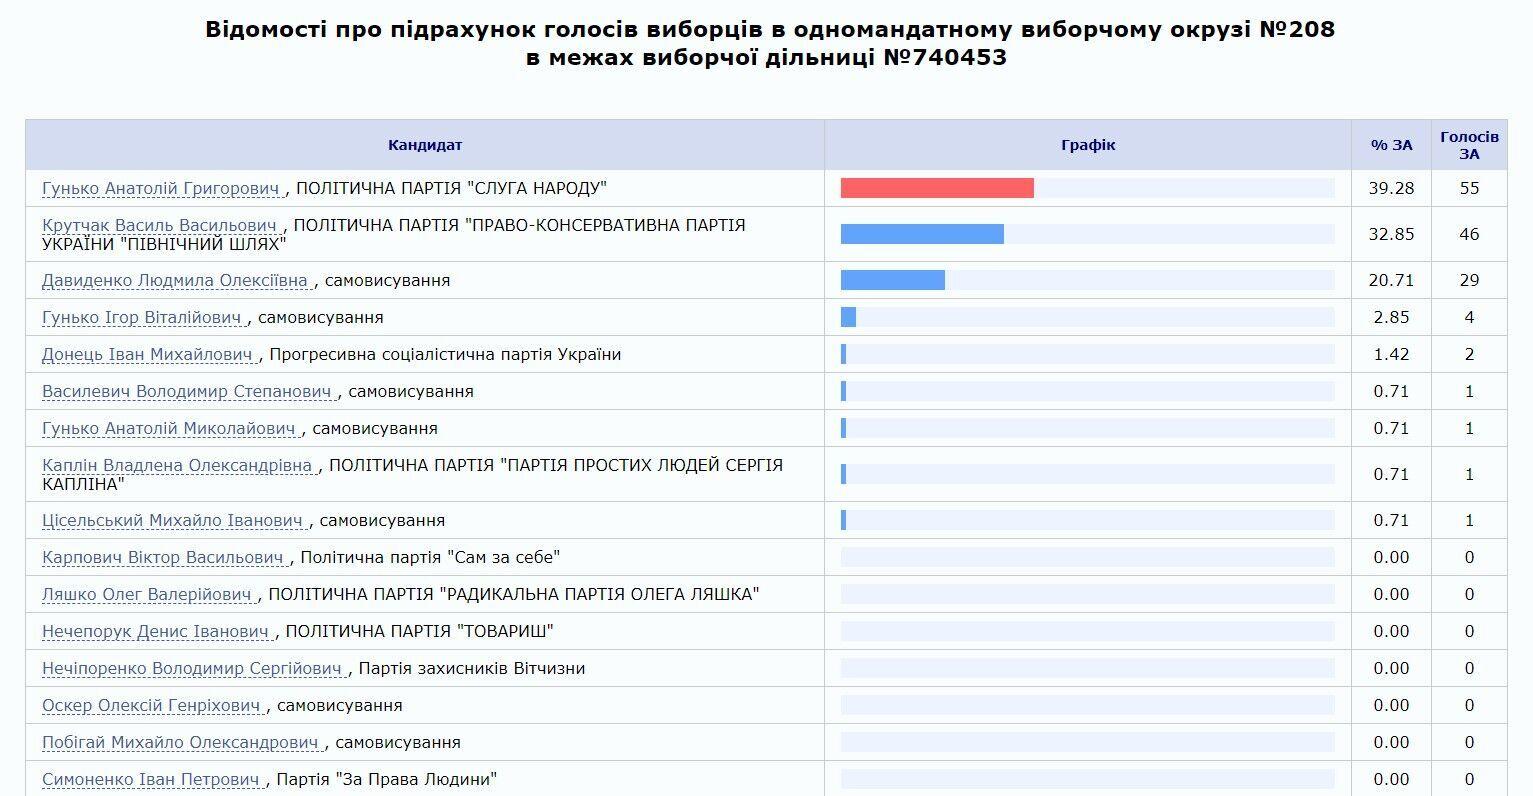 На сайті ЦВК у Ляшка 0 голосів